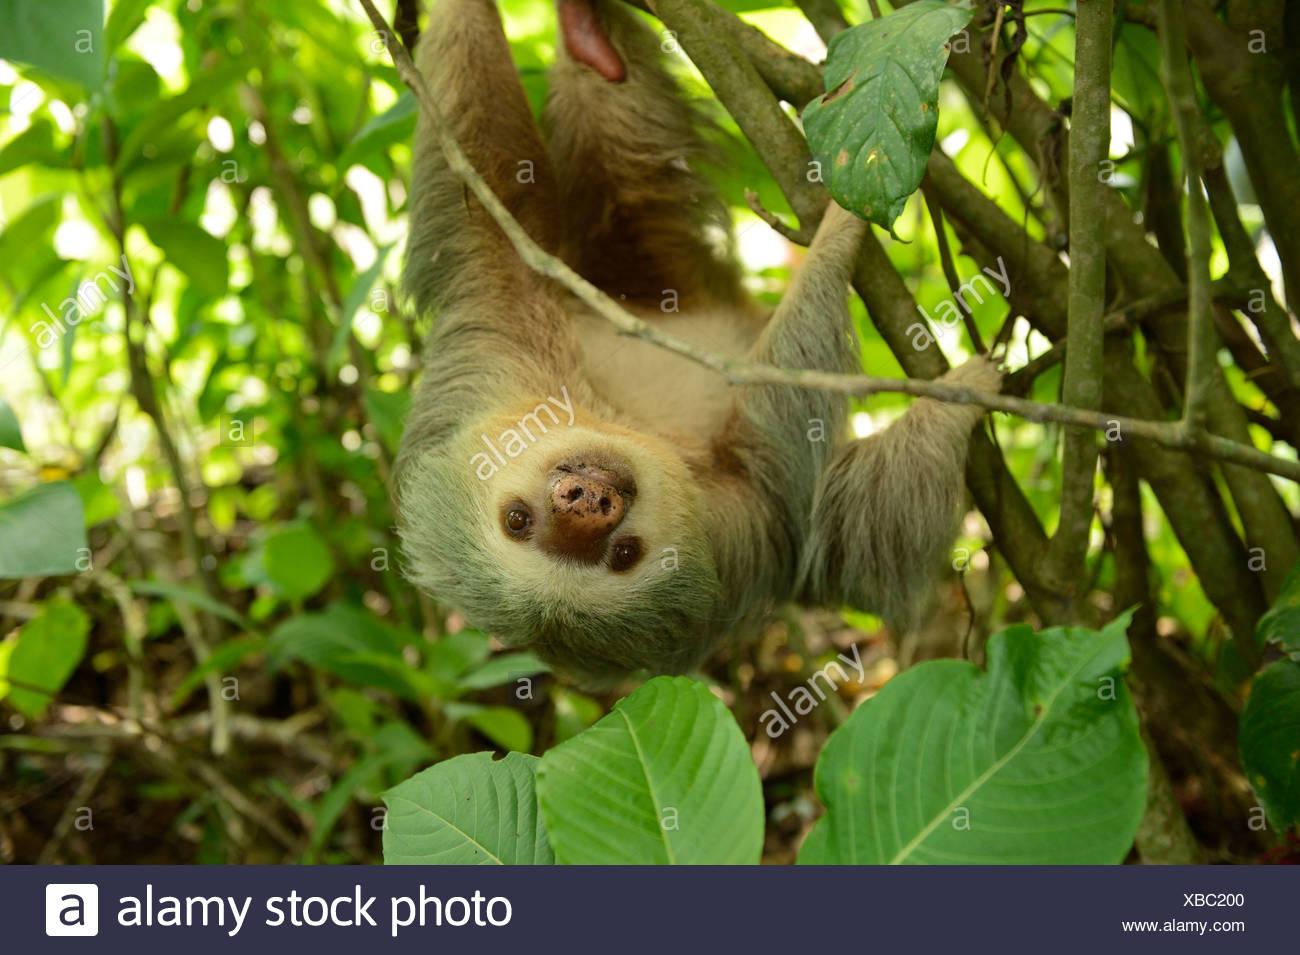 Hoffmann per le due dita bradipo (Choloepus hoffmanni), appeso a testa in giù in un albero, La Fortuna, Costa Rica, America Centrale Foto Stock